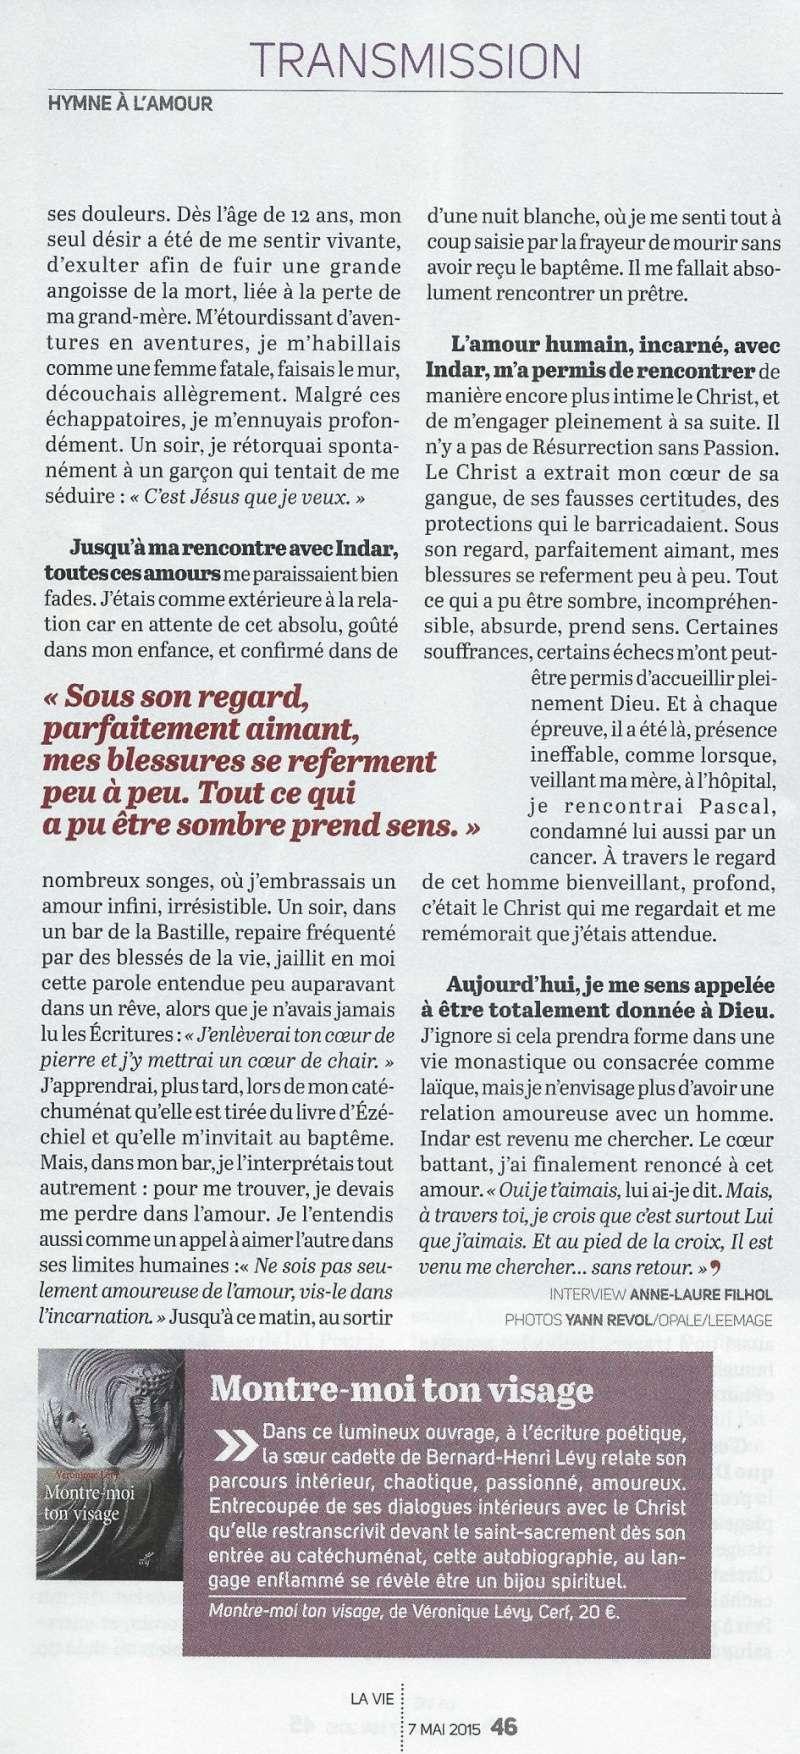 La très touchante conversion de Véronique Lévy au Catholicisme - Page 2 Lavie410